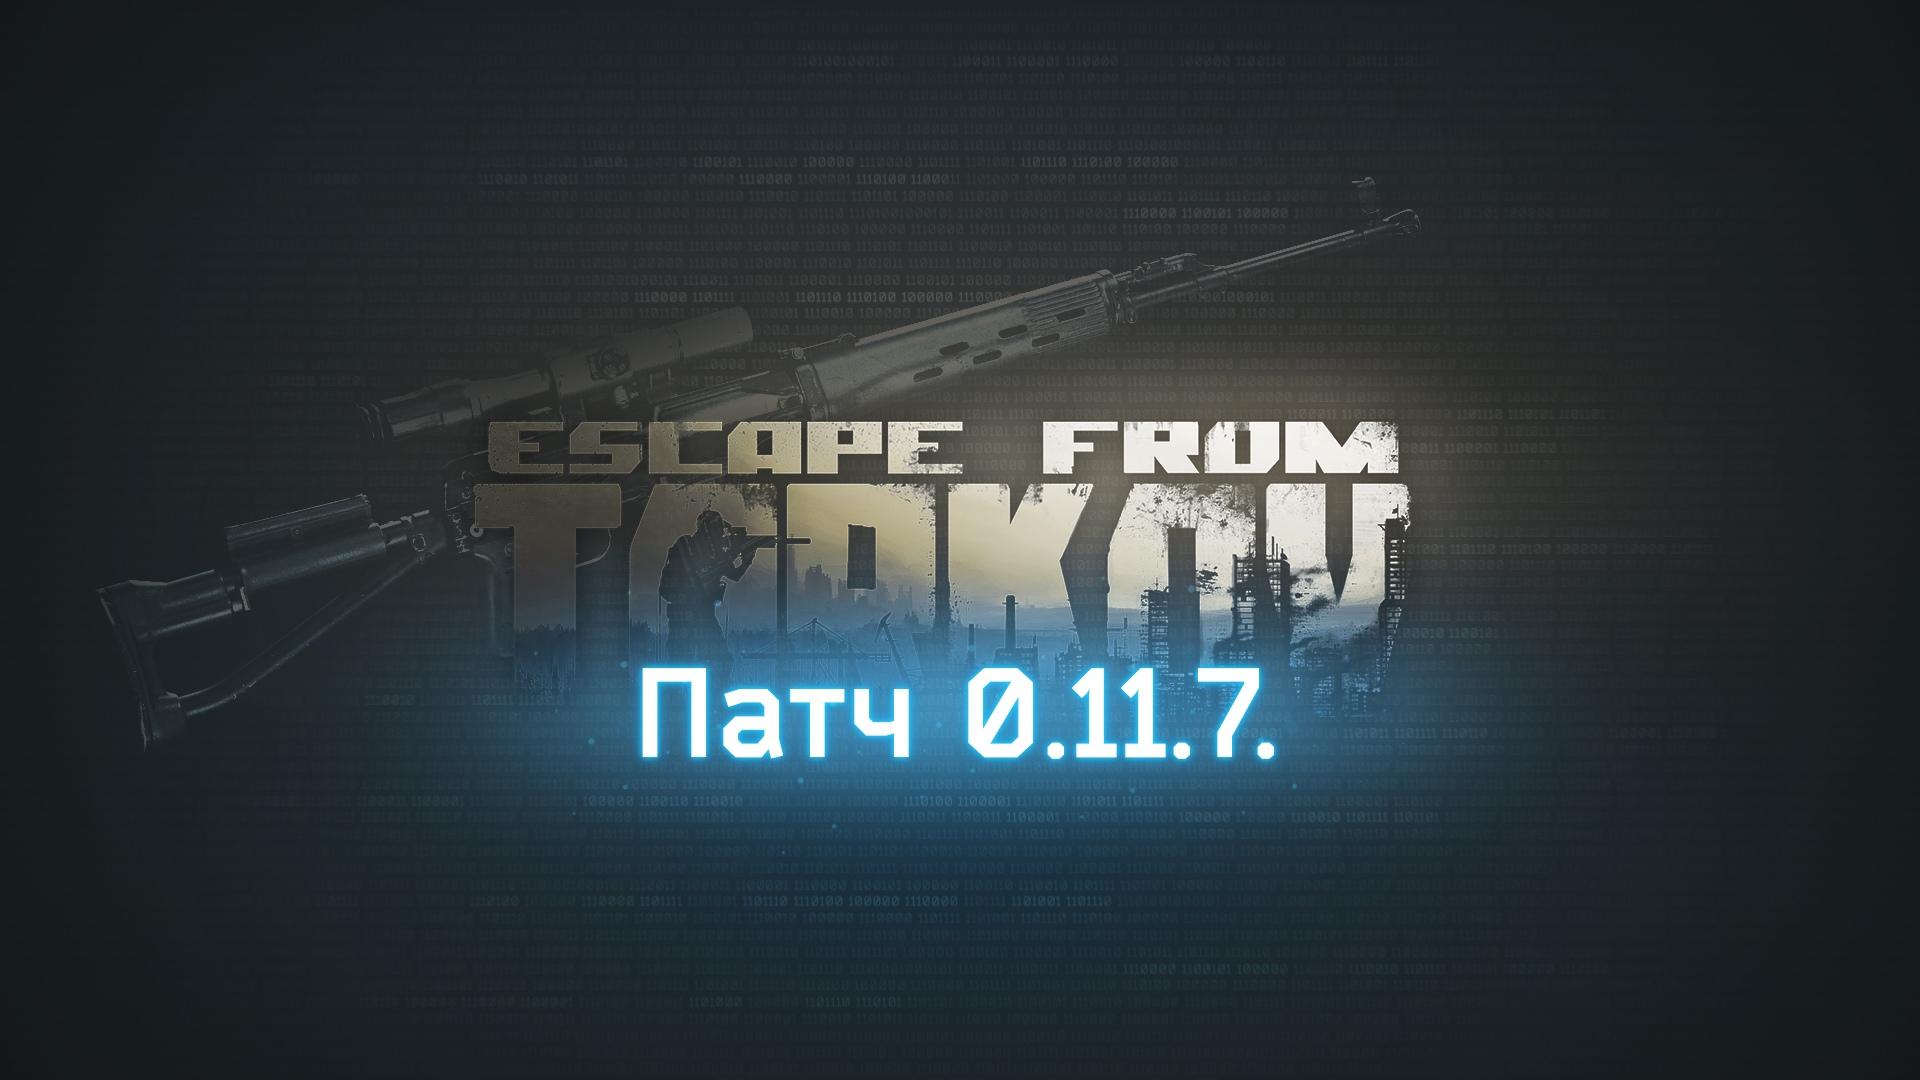 Вышло глобальное обновление к игре, патч 0.11.7